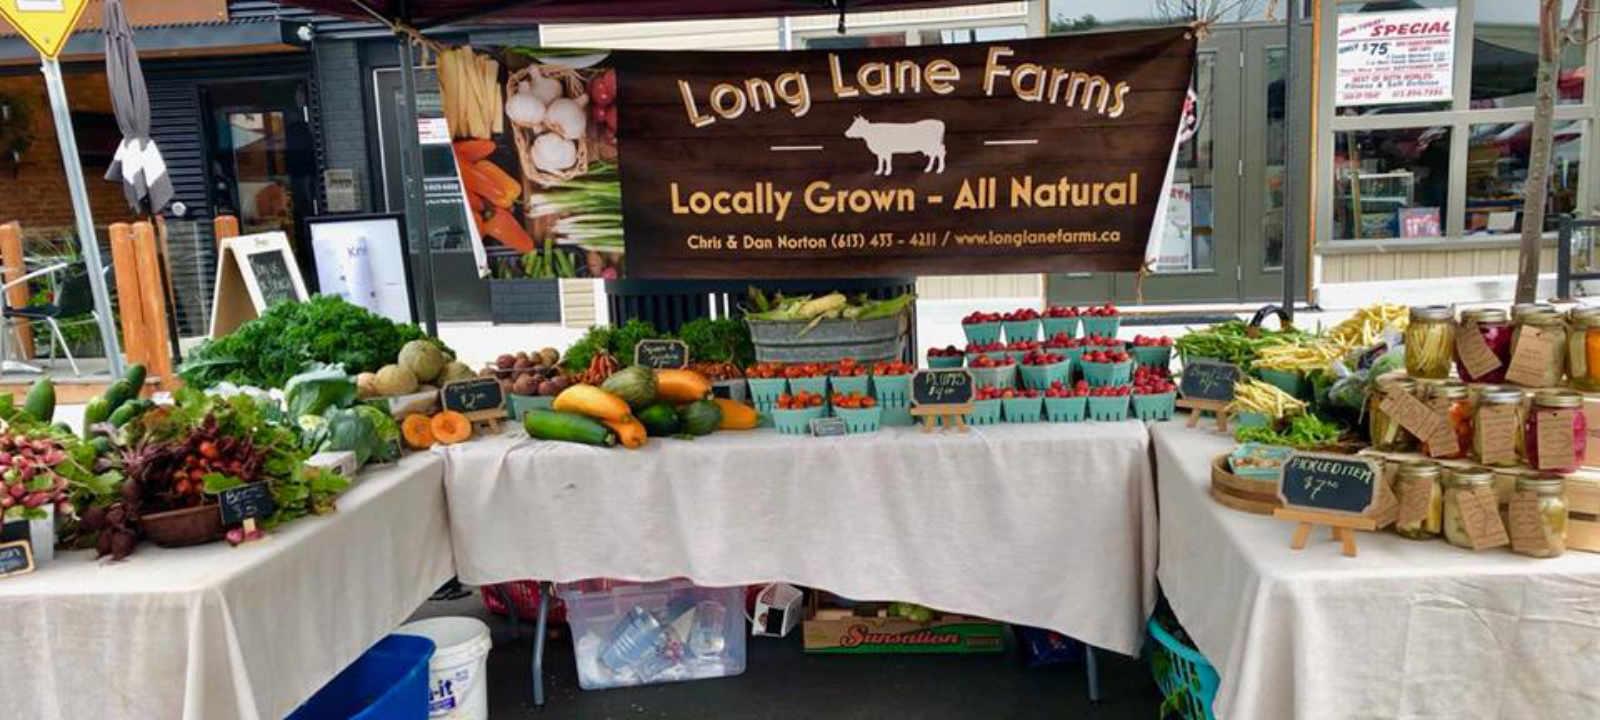 Marché public kiosque fruits et légumes Renfrew Farmers' Market Renfrew Ontario Canada Ulocal produit local achat local